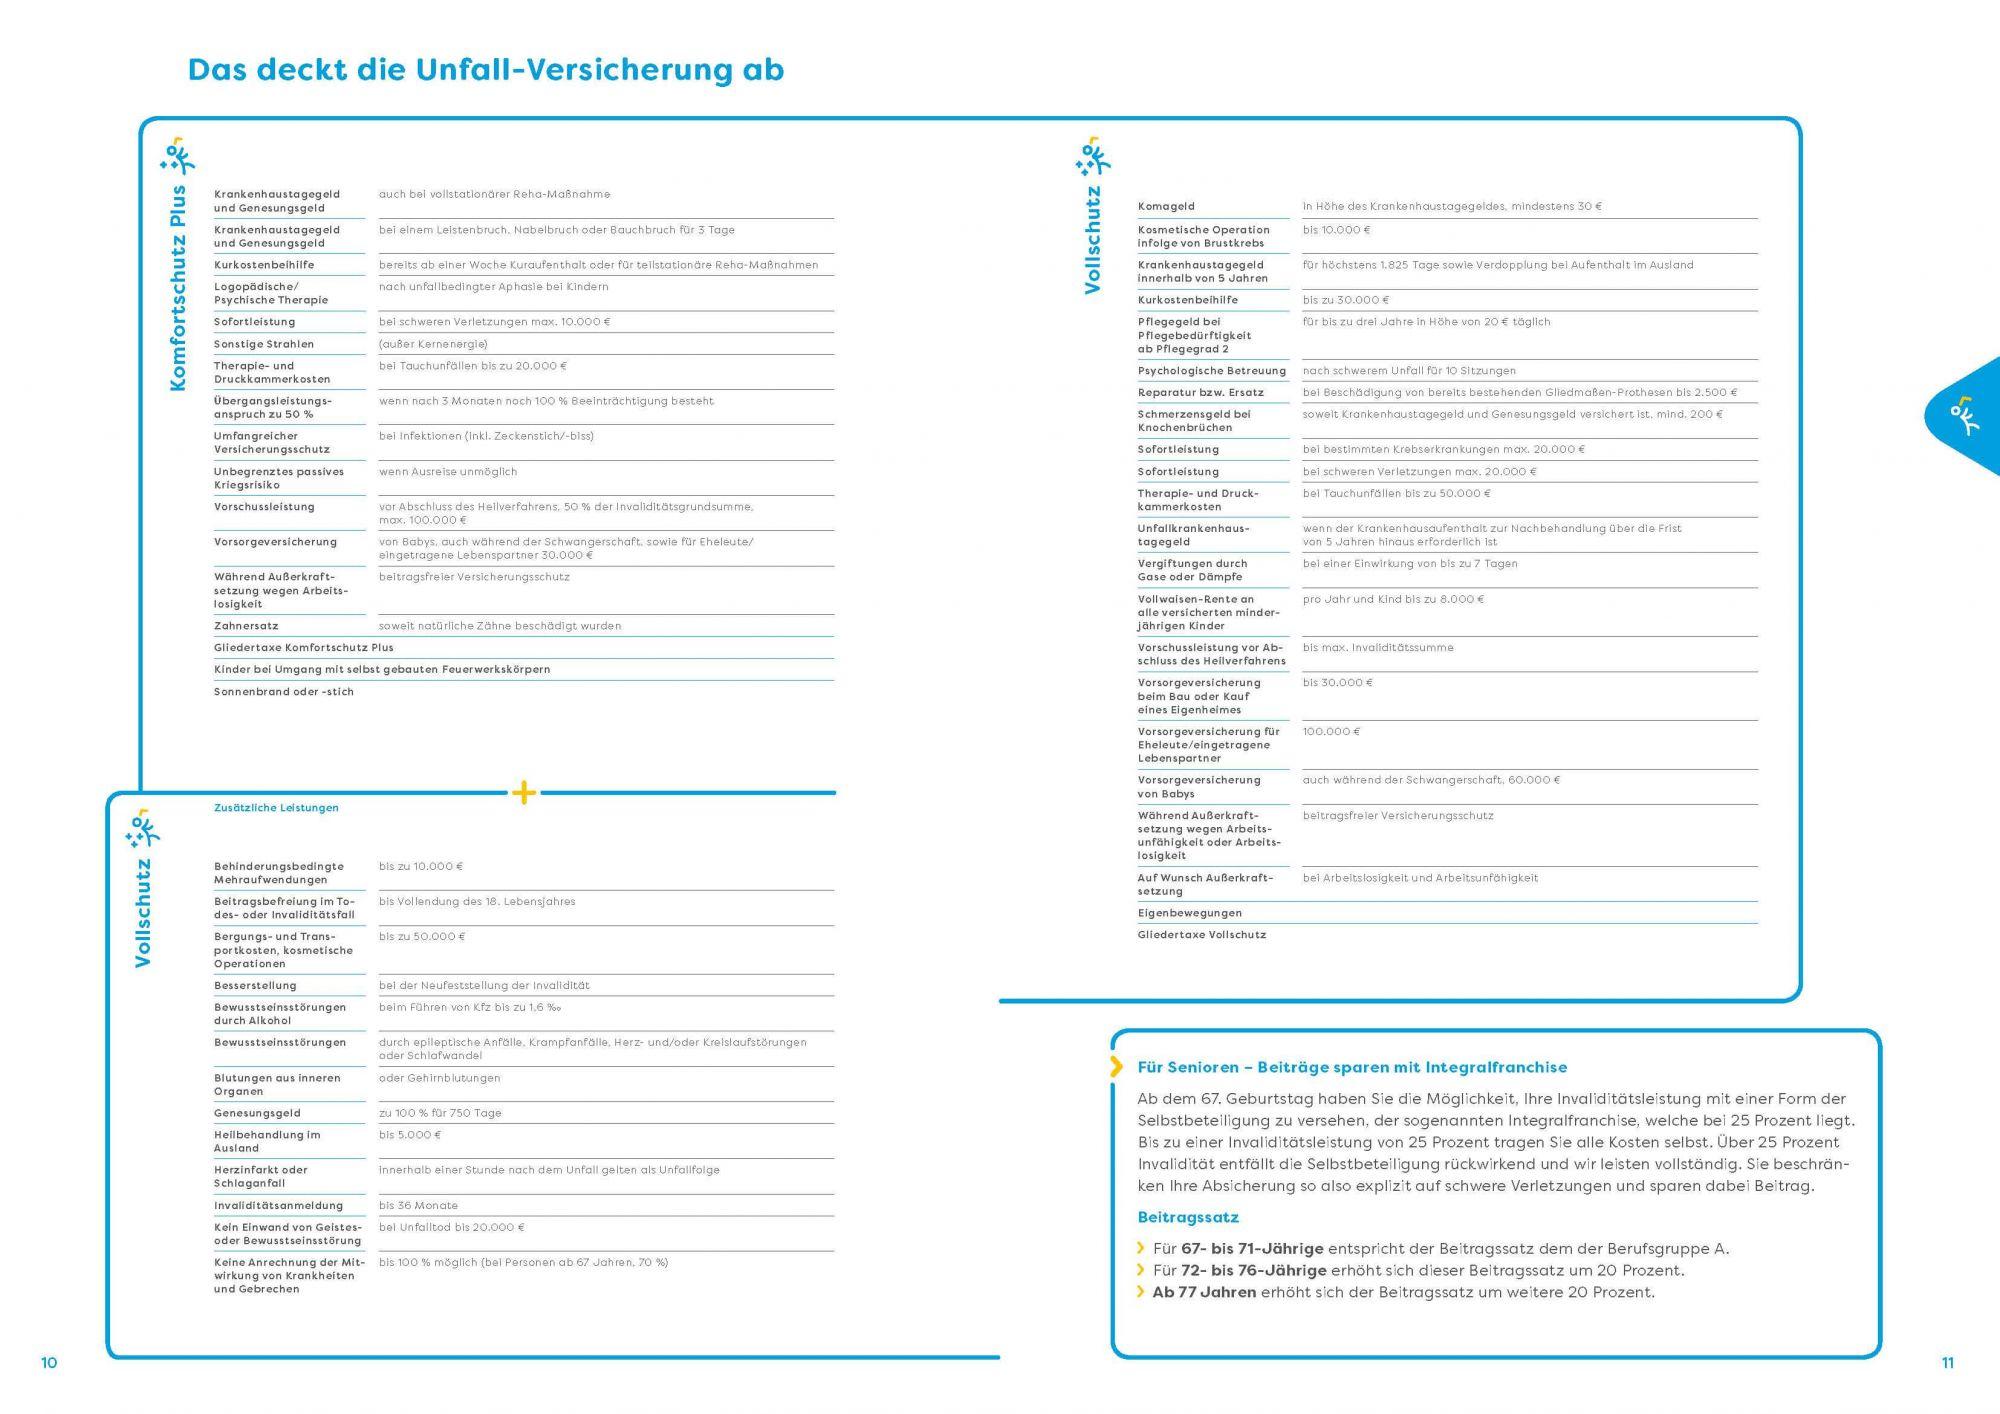 Haftpflichtkasse Unfall Tarife, Haftpflichtkasse Unfall, Hilfepaket, Unfallversicherung, Stuttgart, Filderstadt